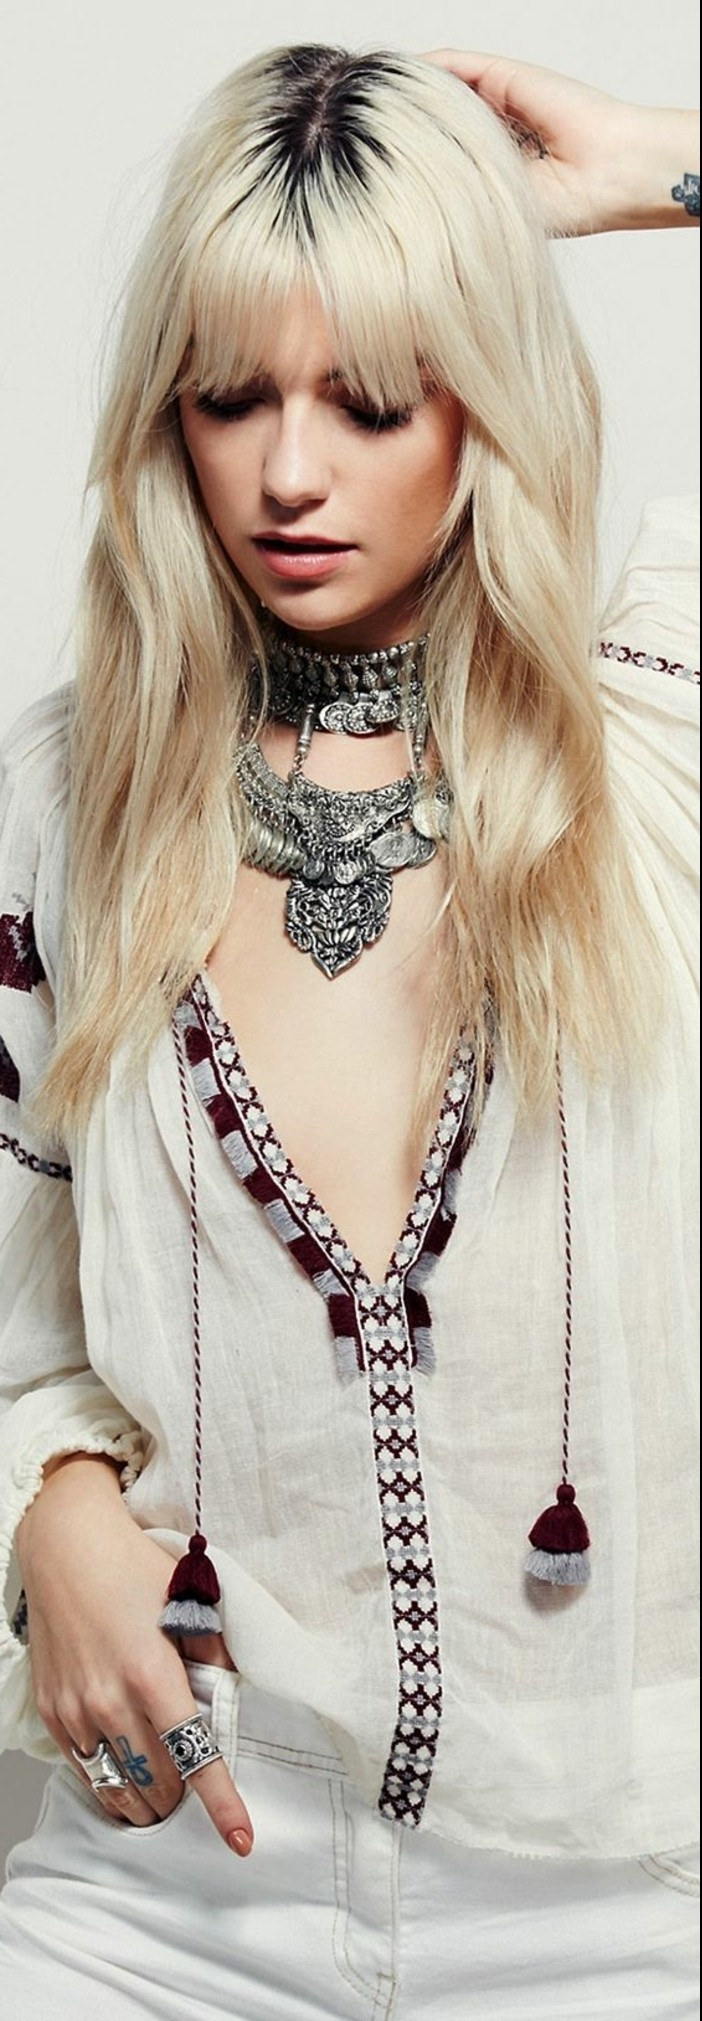 tenue boheme chic, chemise ethnique et colliers en métal